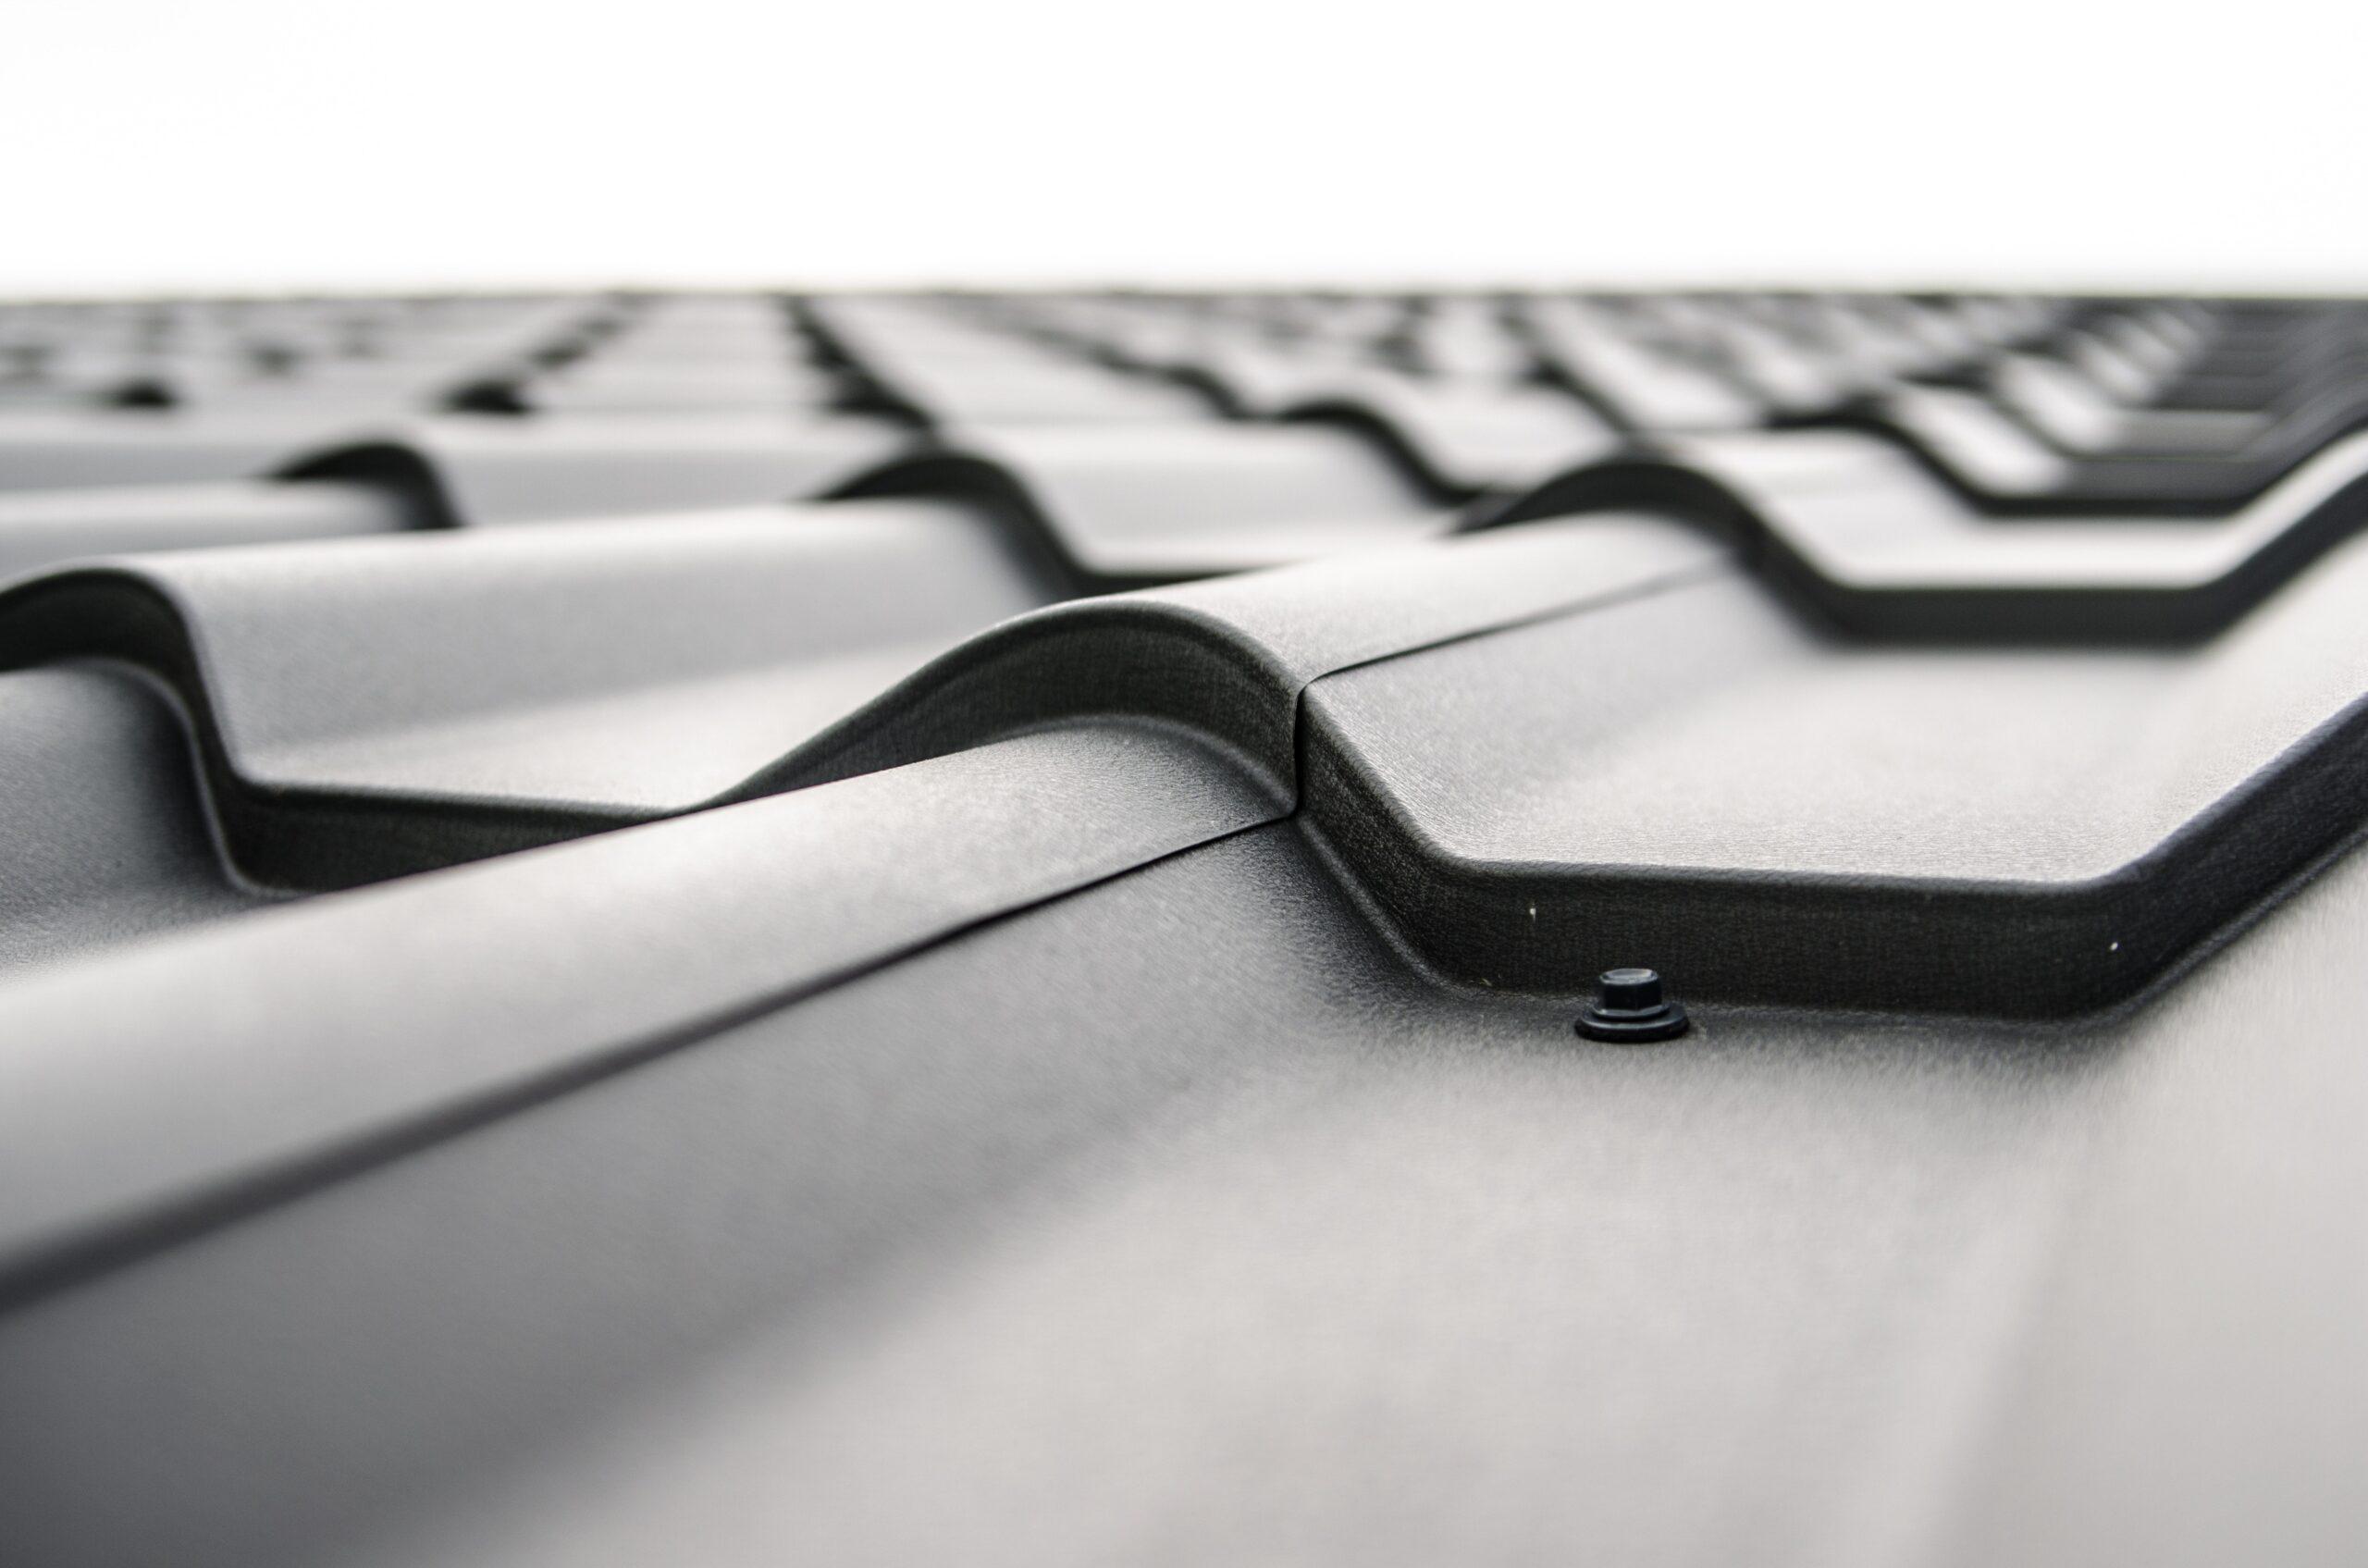 Bredt sortiment af taglægter og facadeinddækning til skarpe priser hos Profilmetal A/S